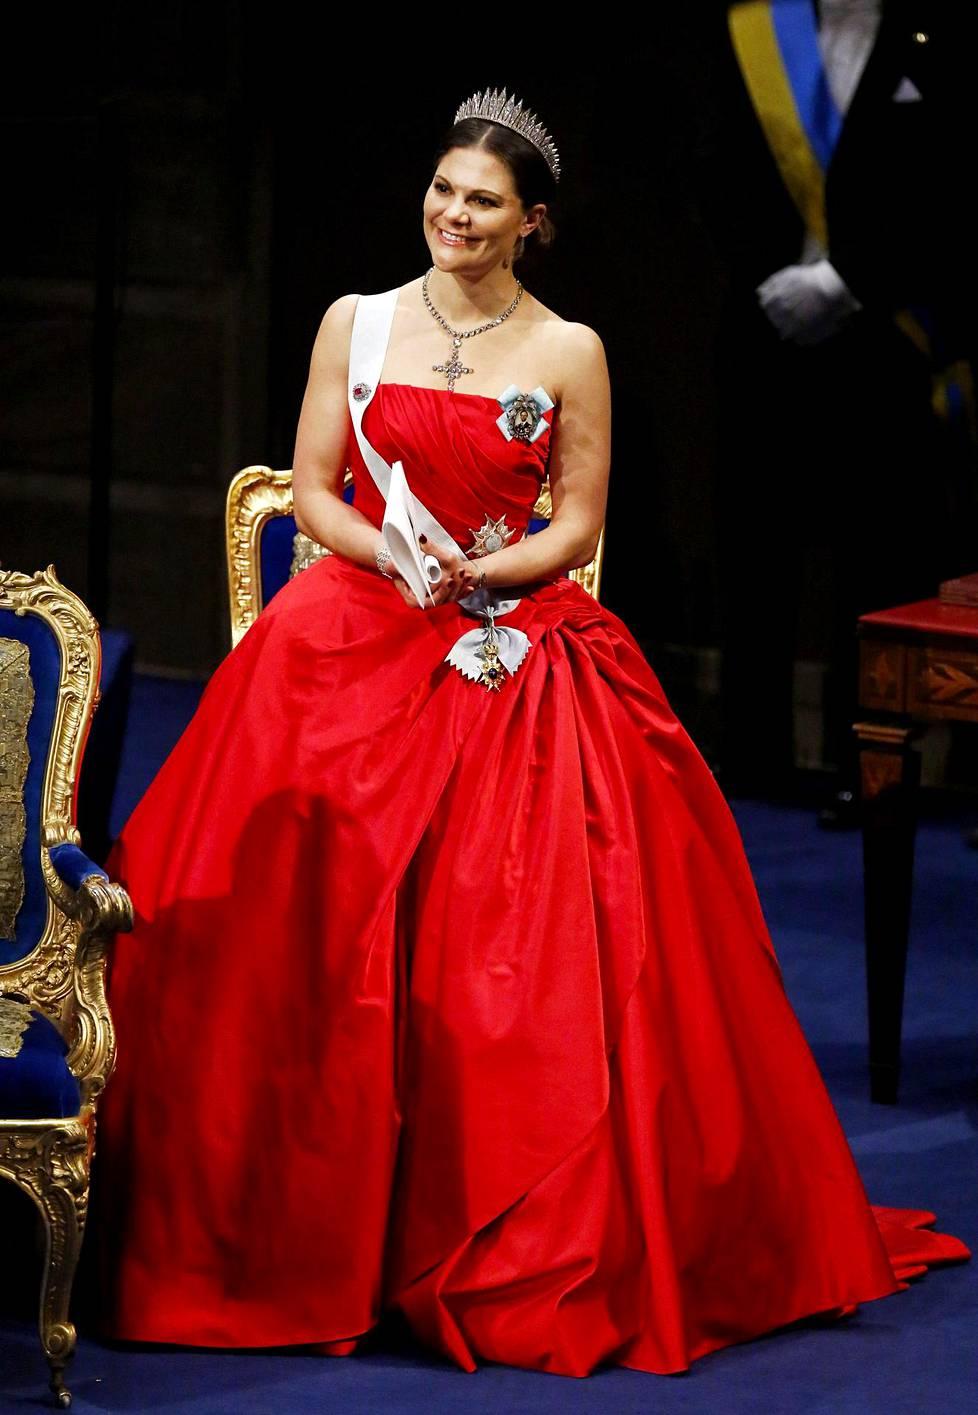 Kruununprinsessa Victorian upeaa punaista juhlatyyliä kritisoitiin etikettivirheestä.